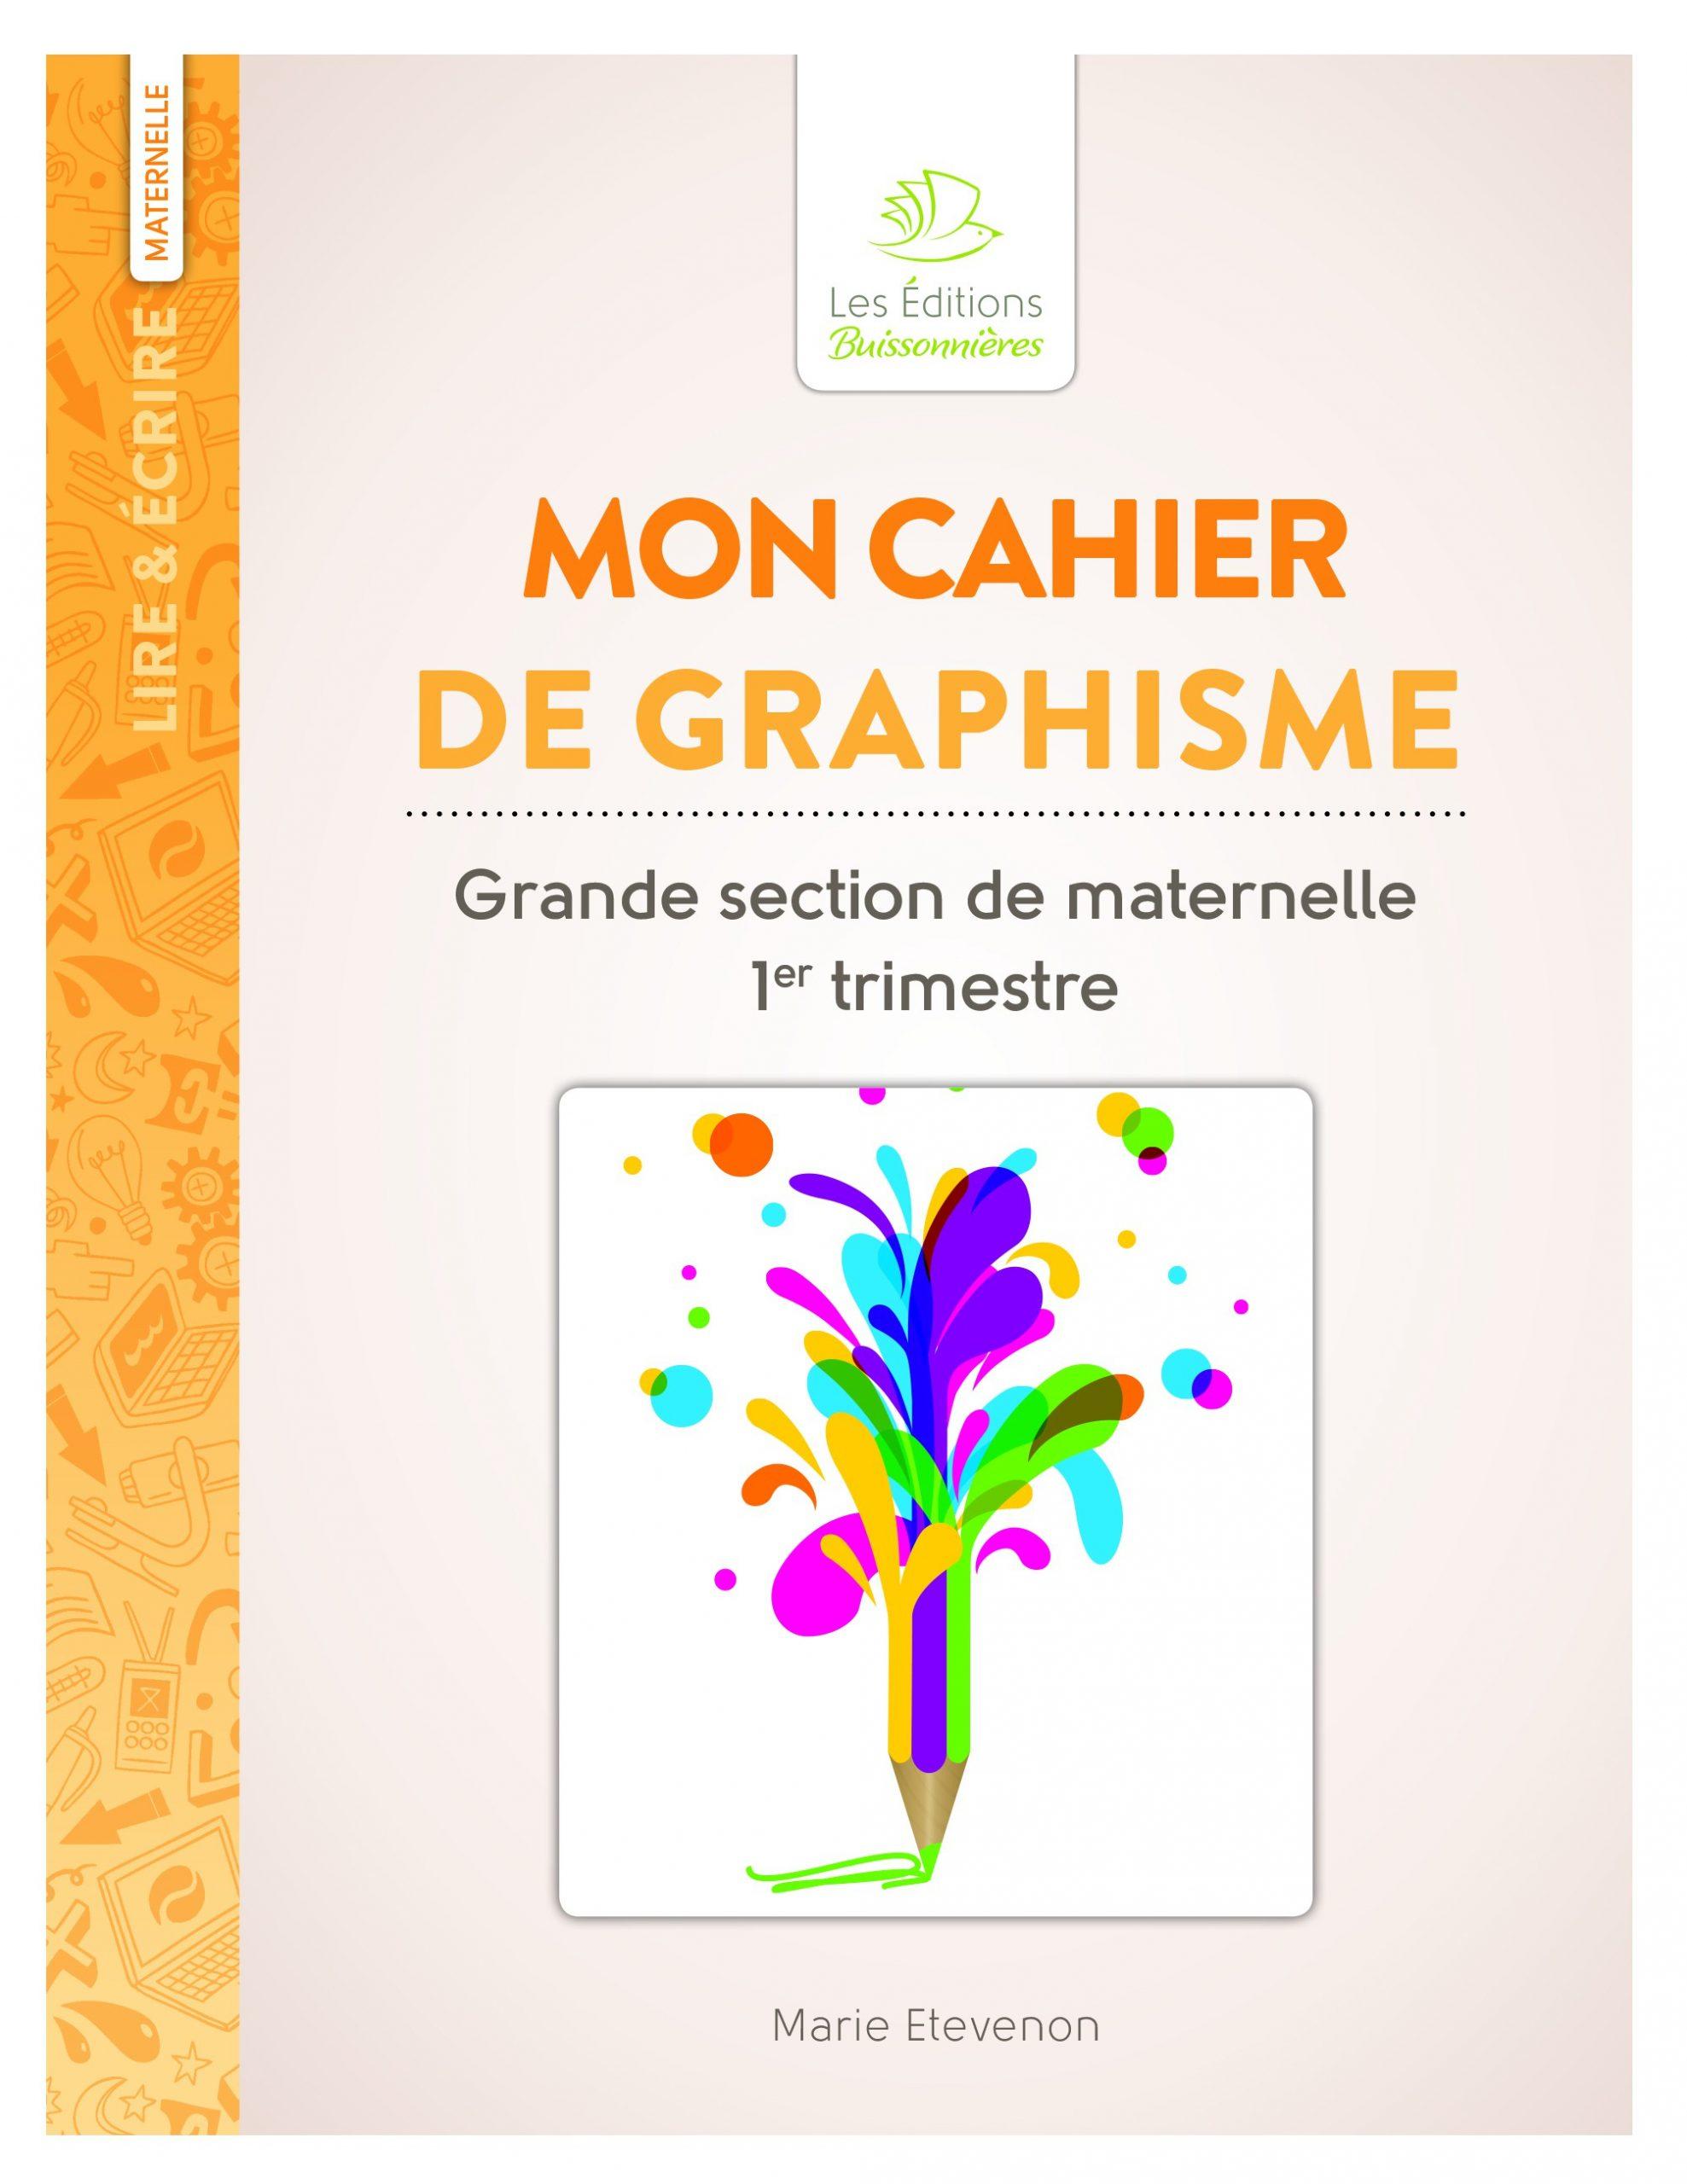 Jeux D'écriture - Scop Les Editions Buissonnieres, Livres concernant Jeux Gratuit Maternelle Grande Section